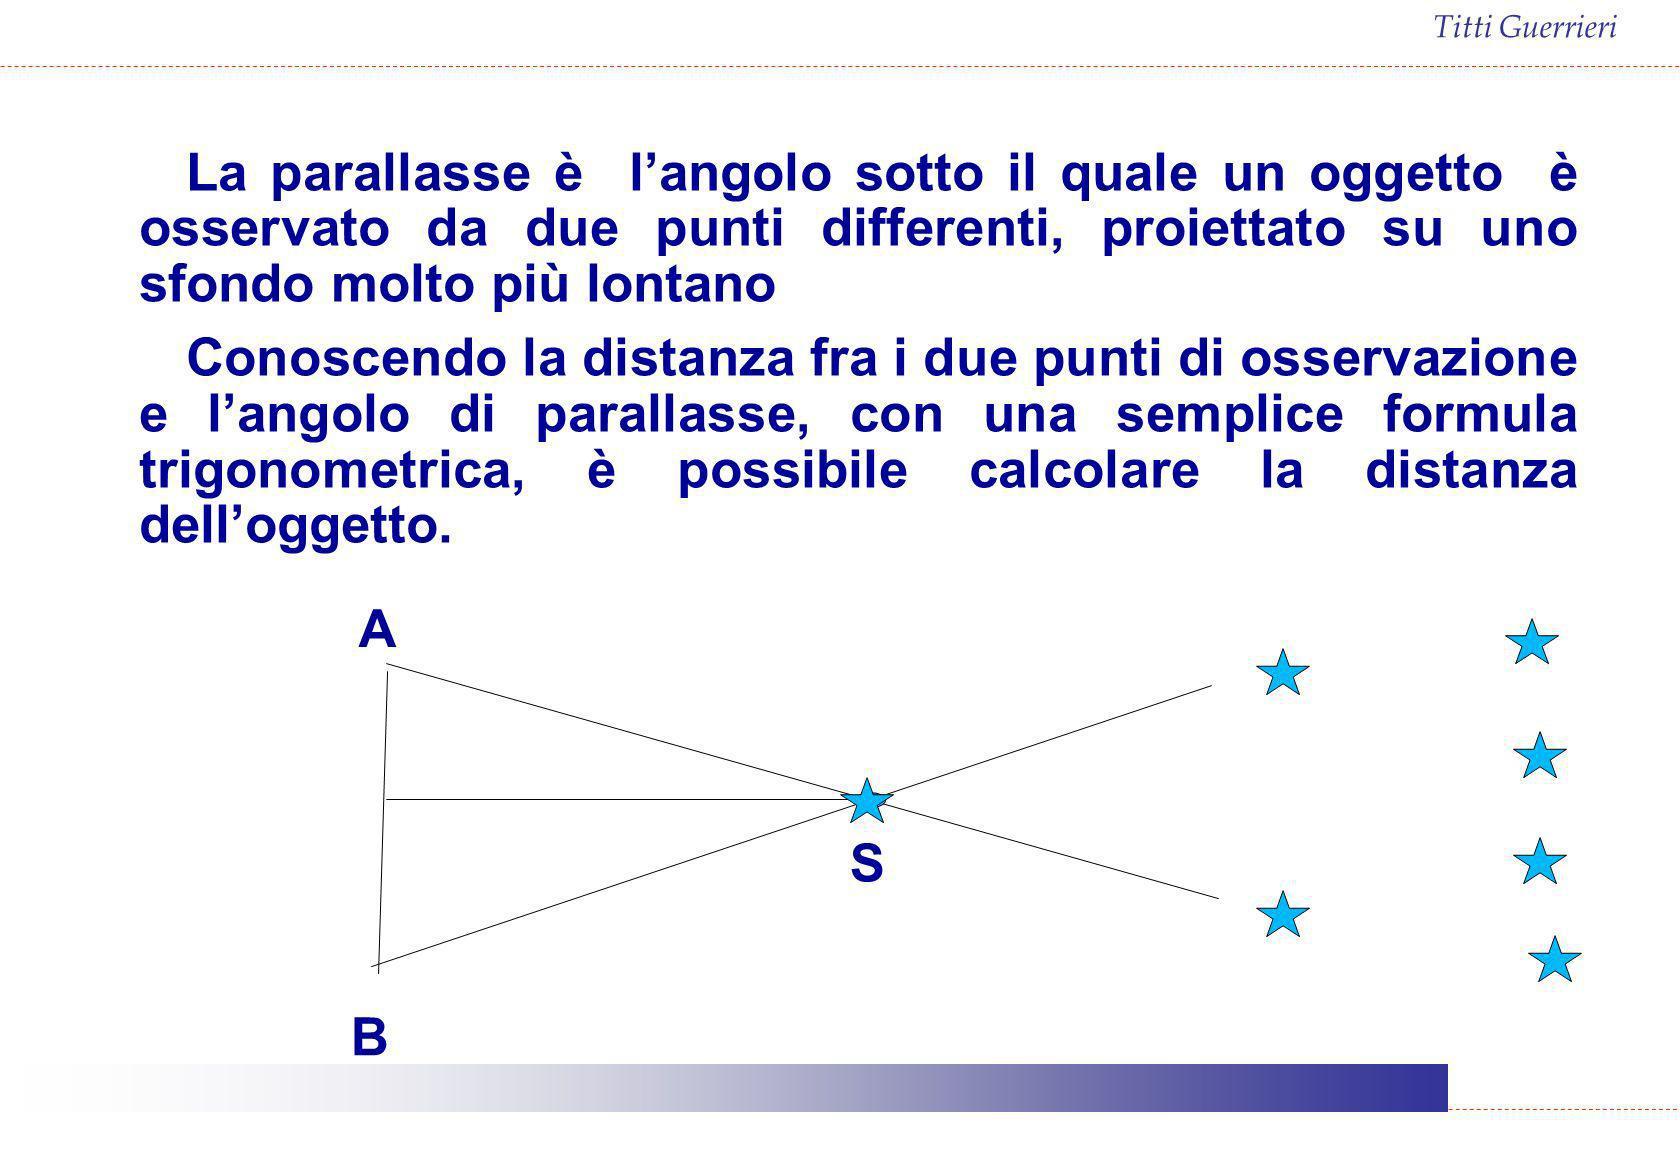 La parallasse è l'angolo sotto il quale un oggetto è osservato da due punti differenti, proiettato su uno sfondo molto più lontano